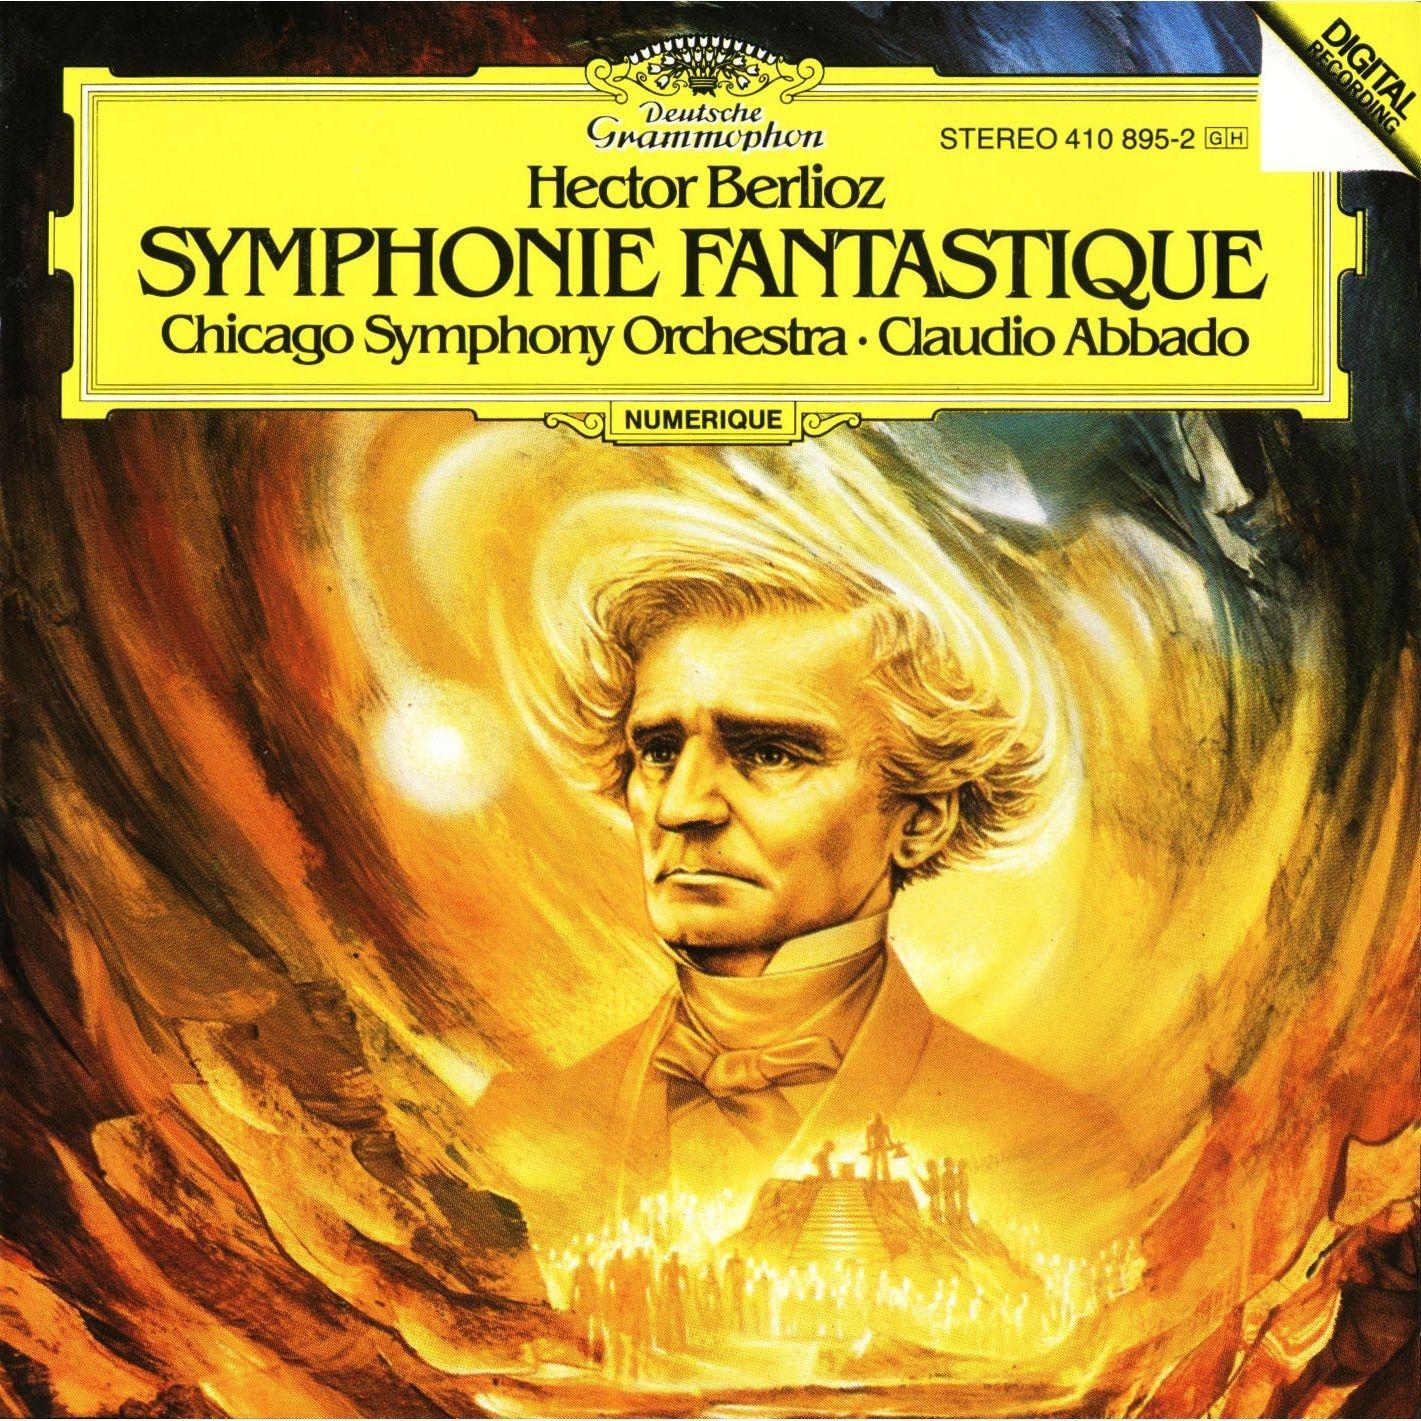 Symphonie Fantastique - March 9